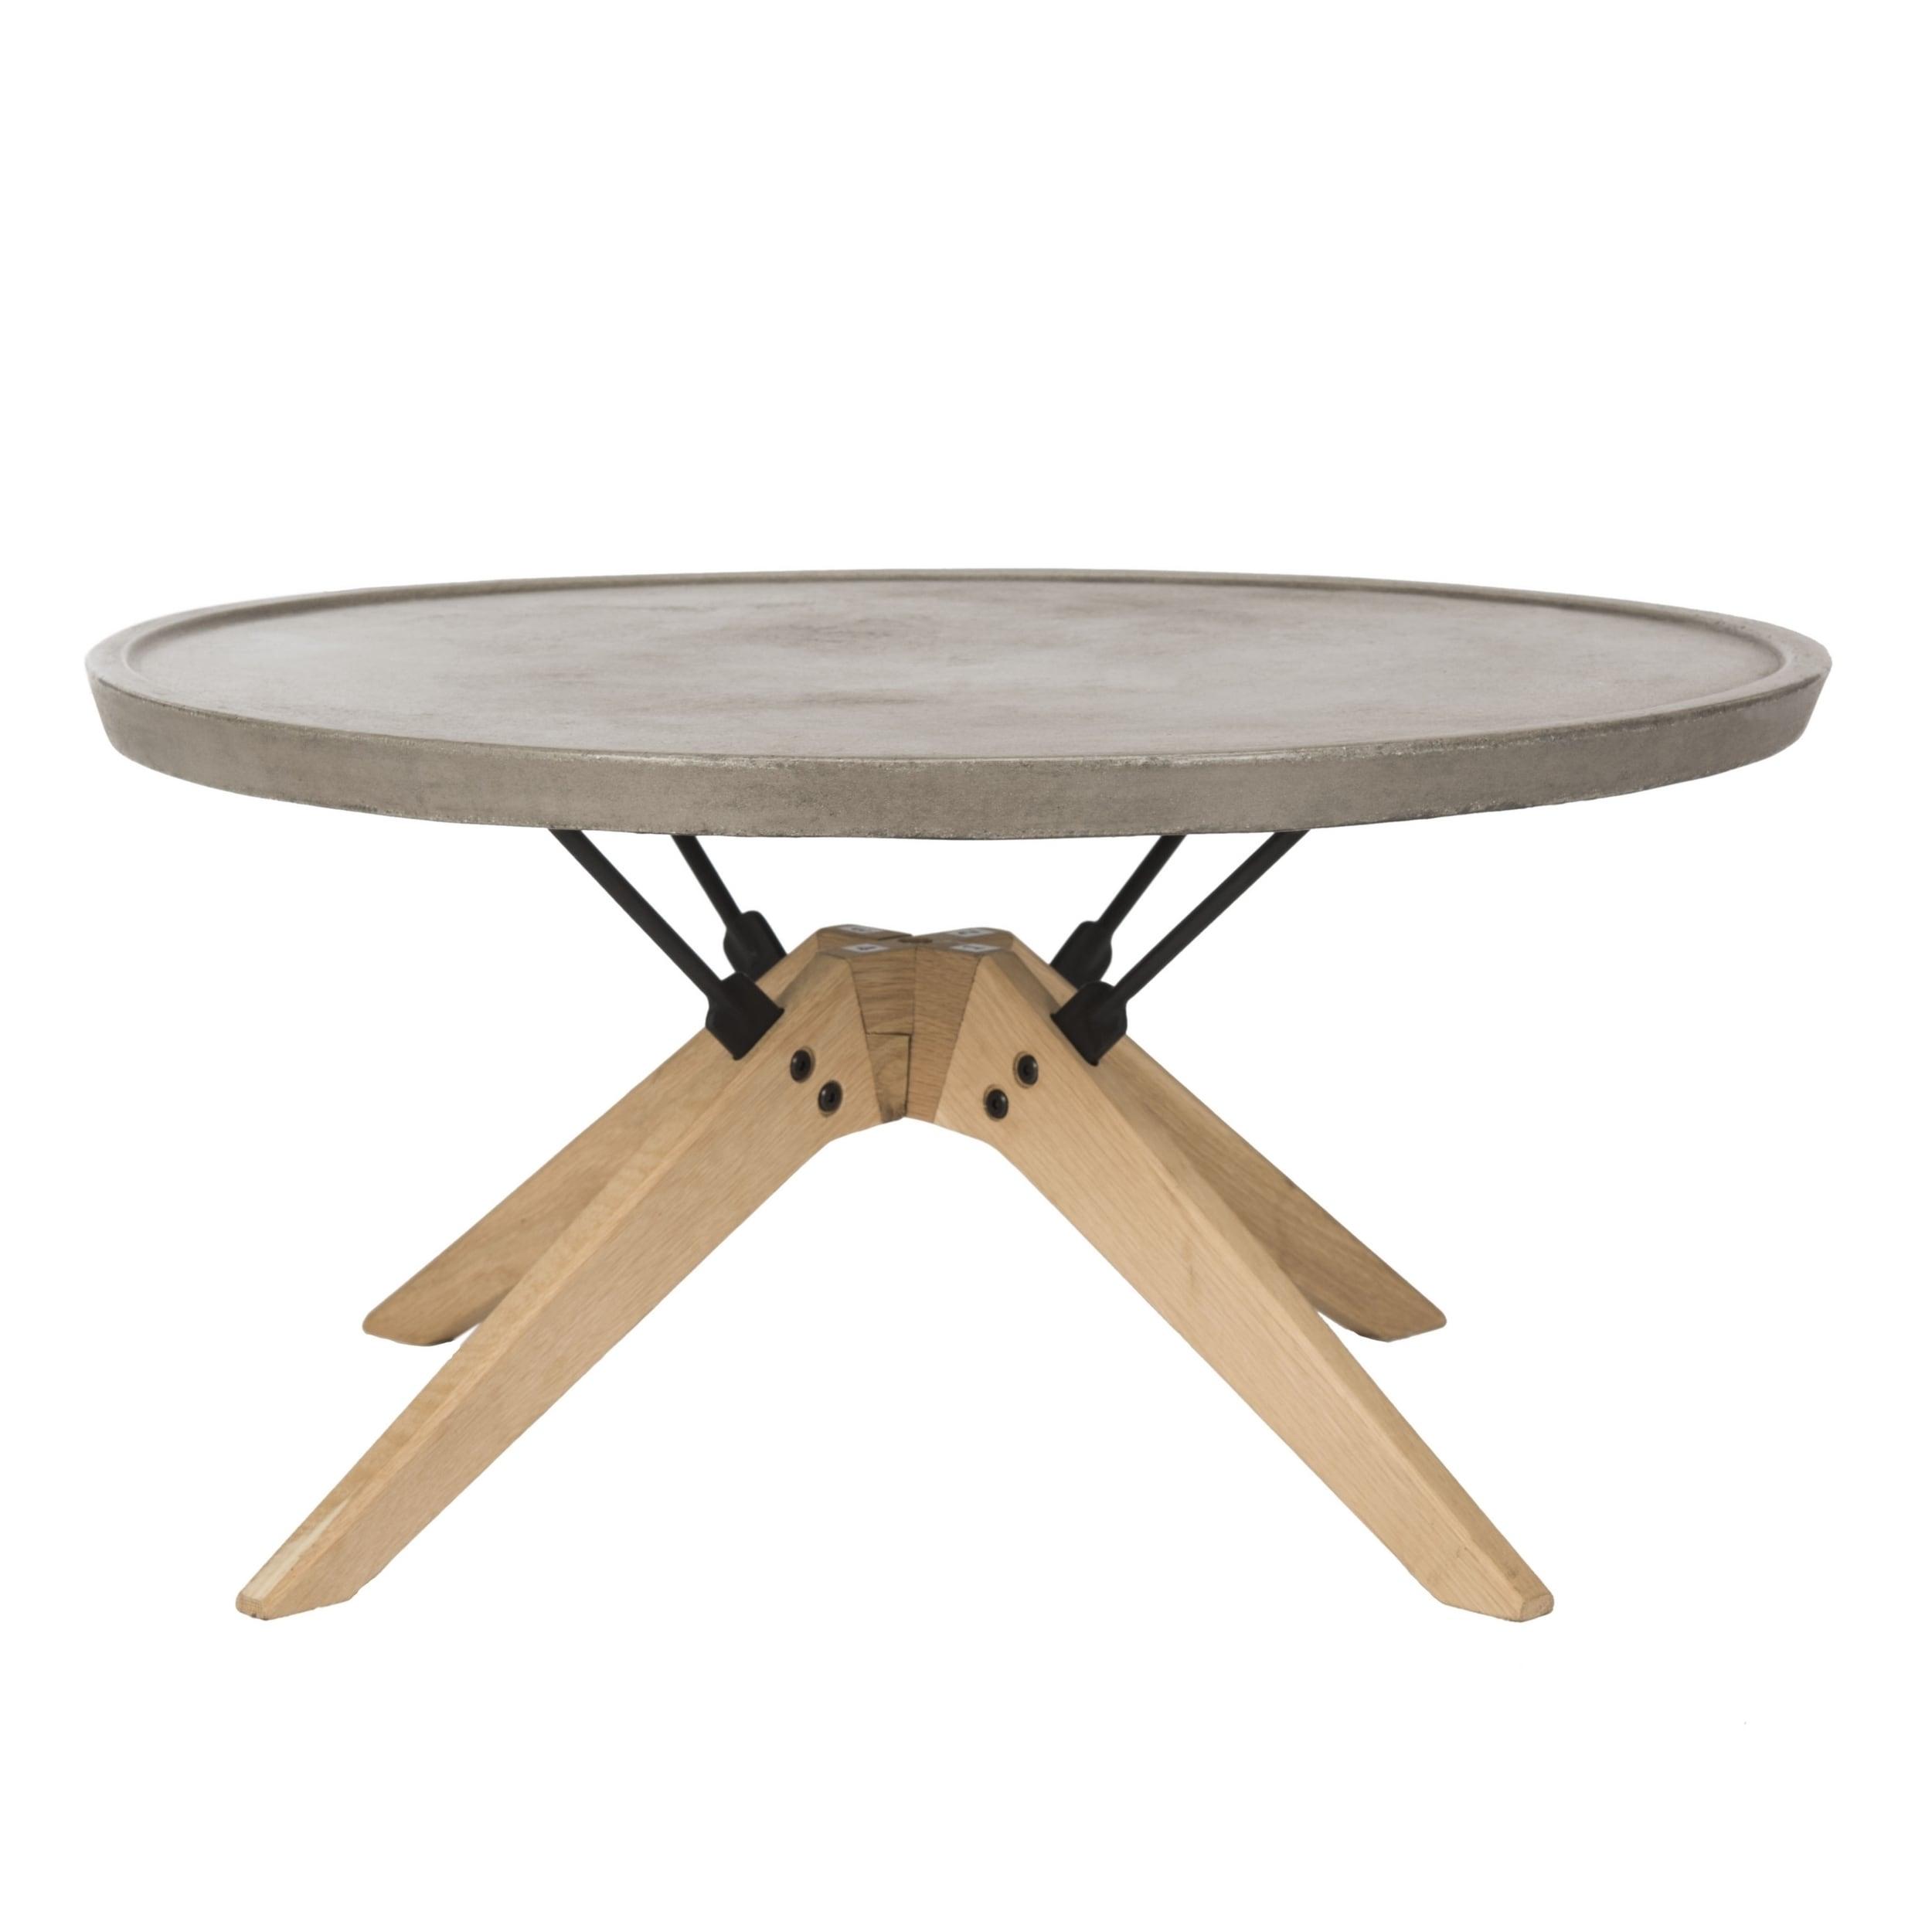 Safavieh Bryson Dark Grey Modern Concrete Round Indoor Outdoor Coffee Table 29 5 X 29 5 X 14 6